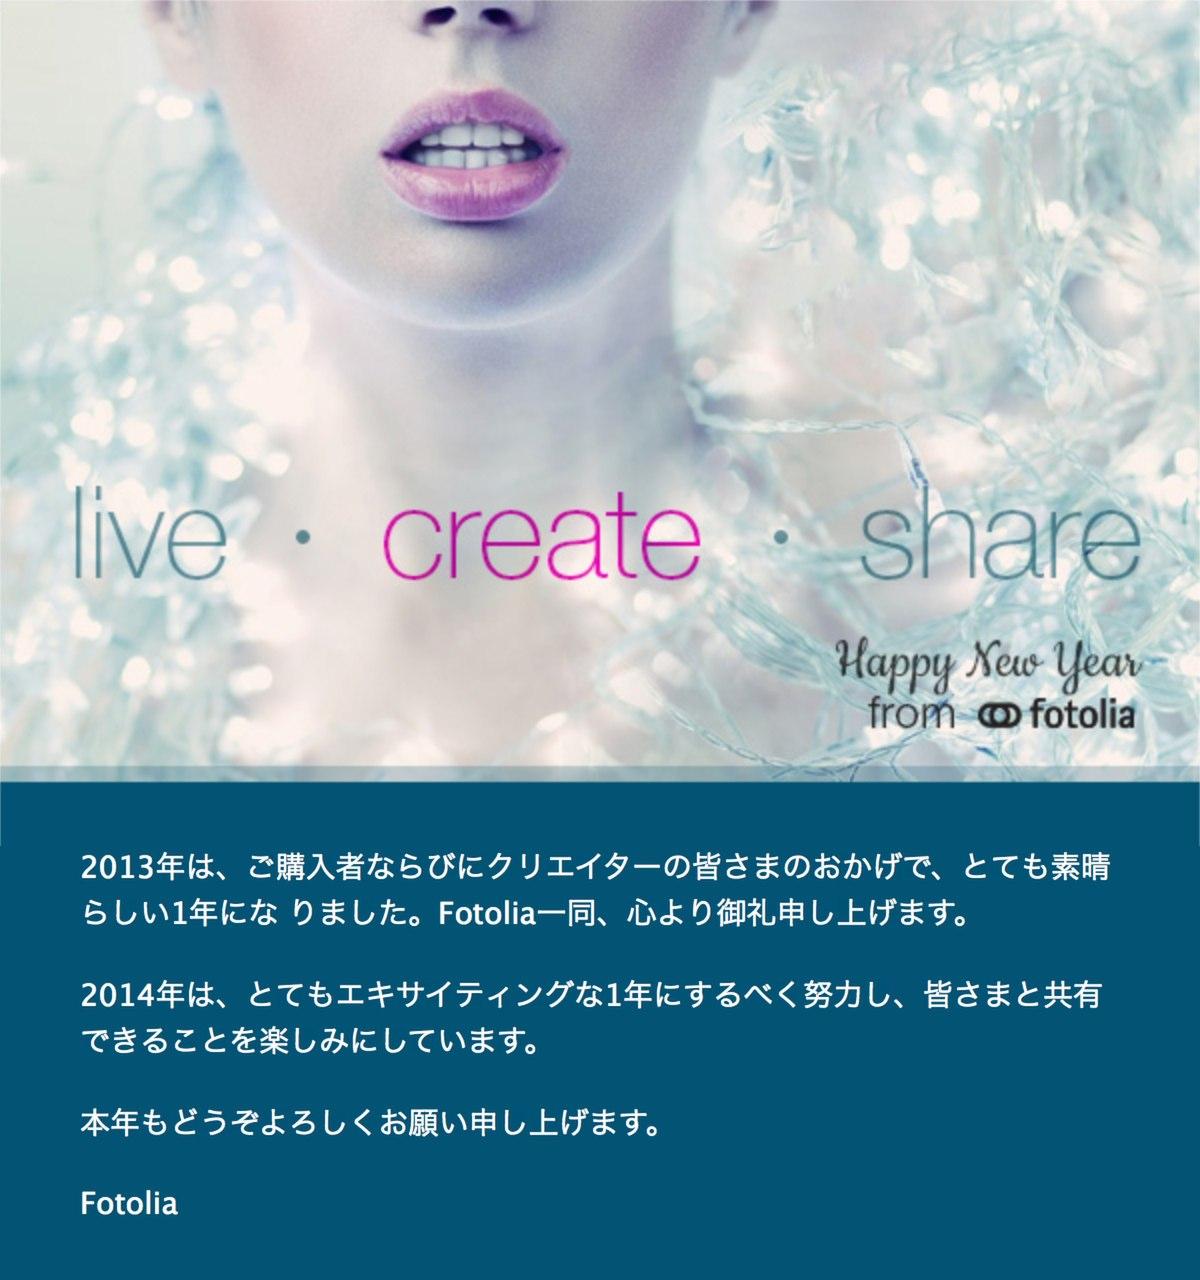 jp.fotolia.com_Newsletter_InBrowser_9_84_203394034?utm_medium=email&utm_source=newsletter&tmad=c&tmcampid=14&tmplaceref=newsletter